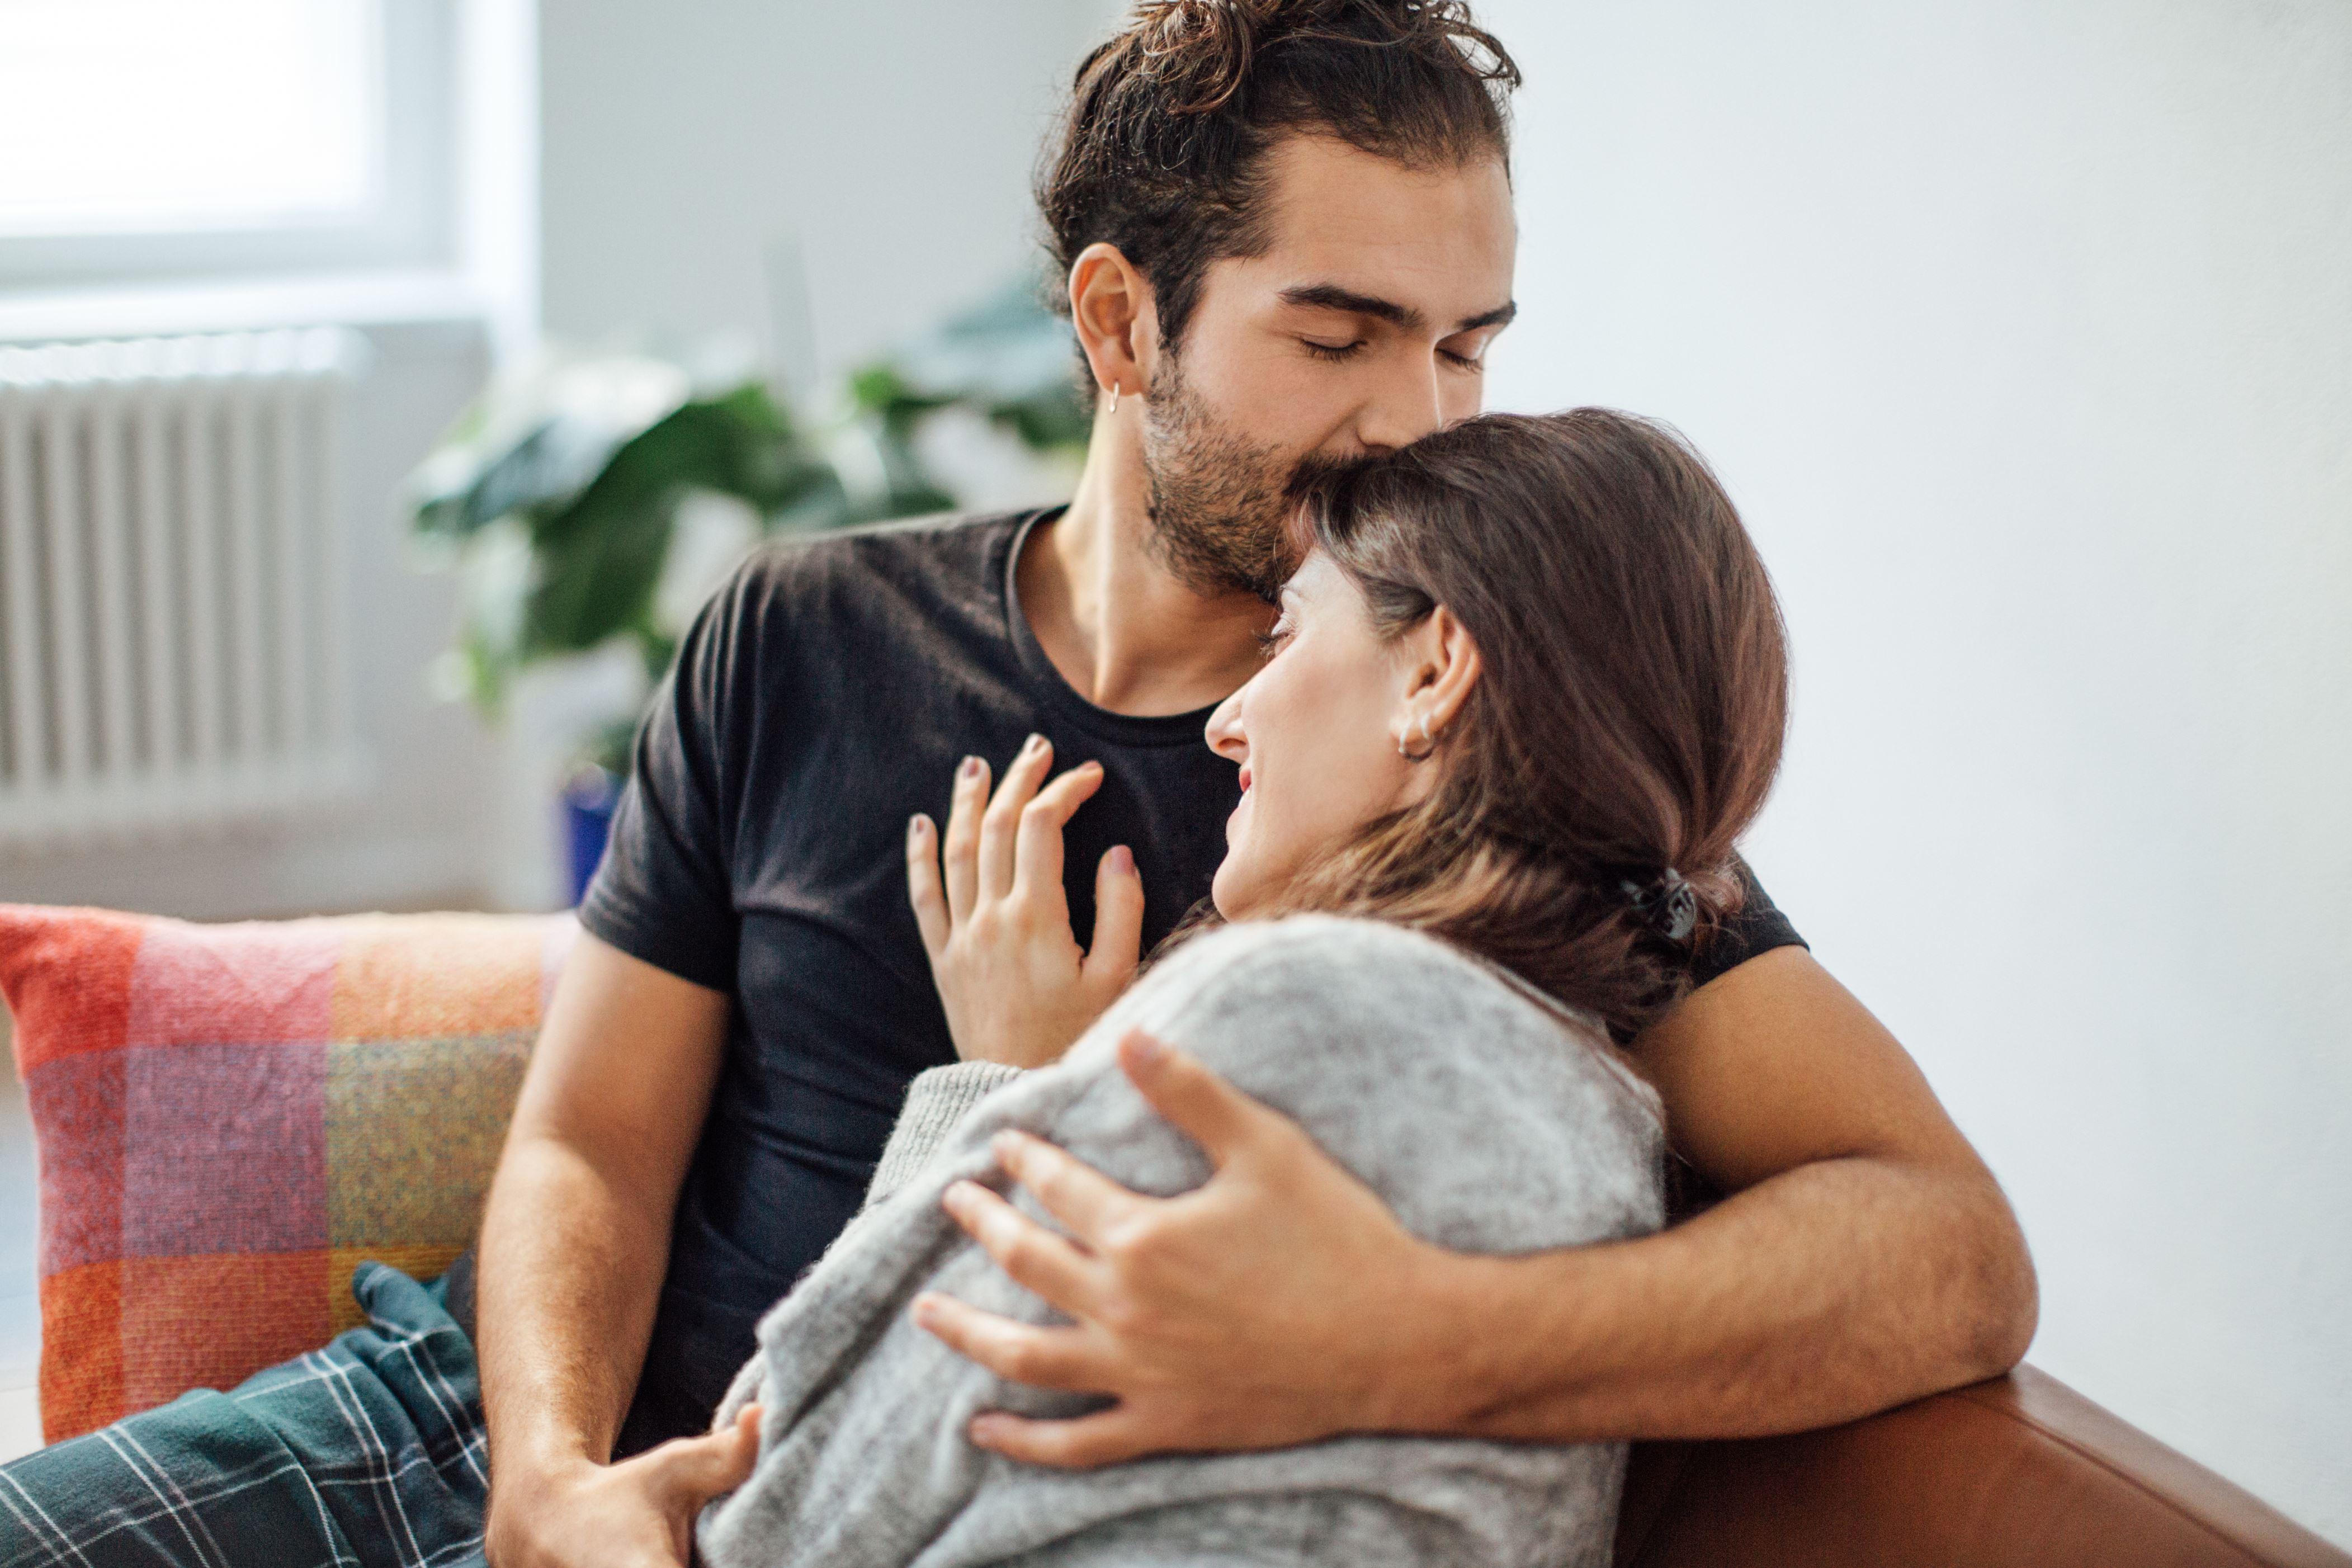 Dating vent met slechte adem Bereken jongste dating leeftijd